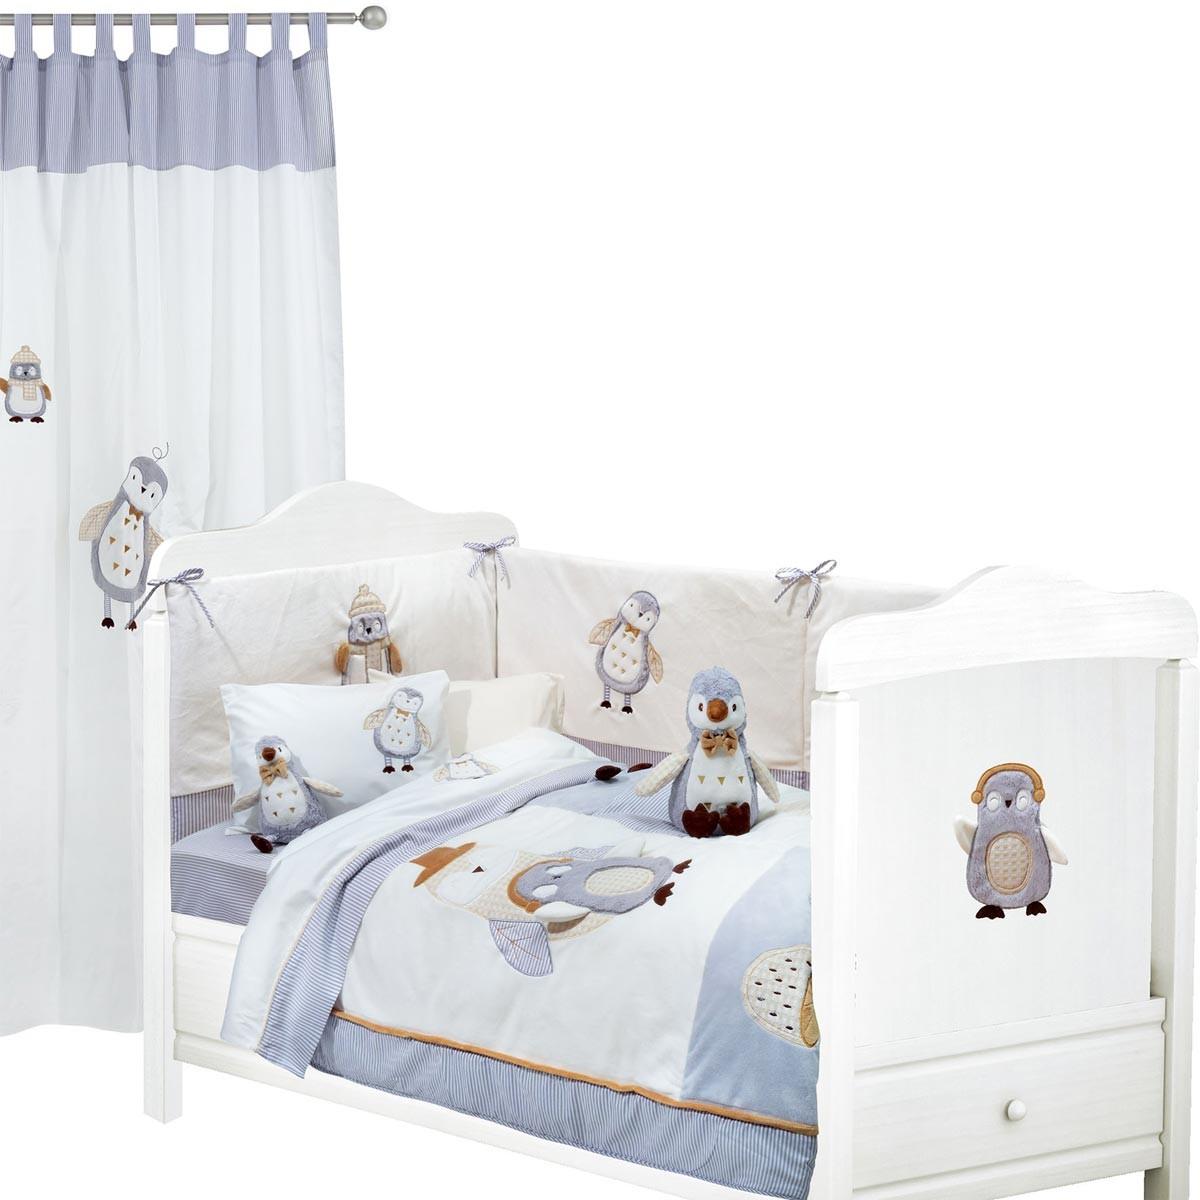 Σεντόνια Κούνιας (Σετ) Das Home Dream Embroidery 6394